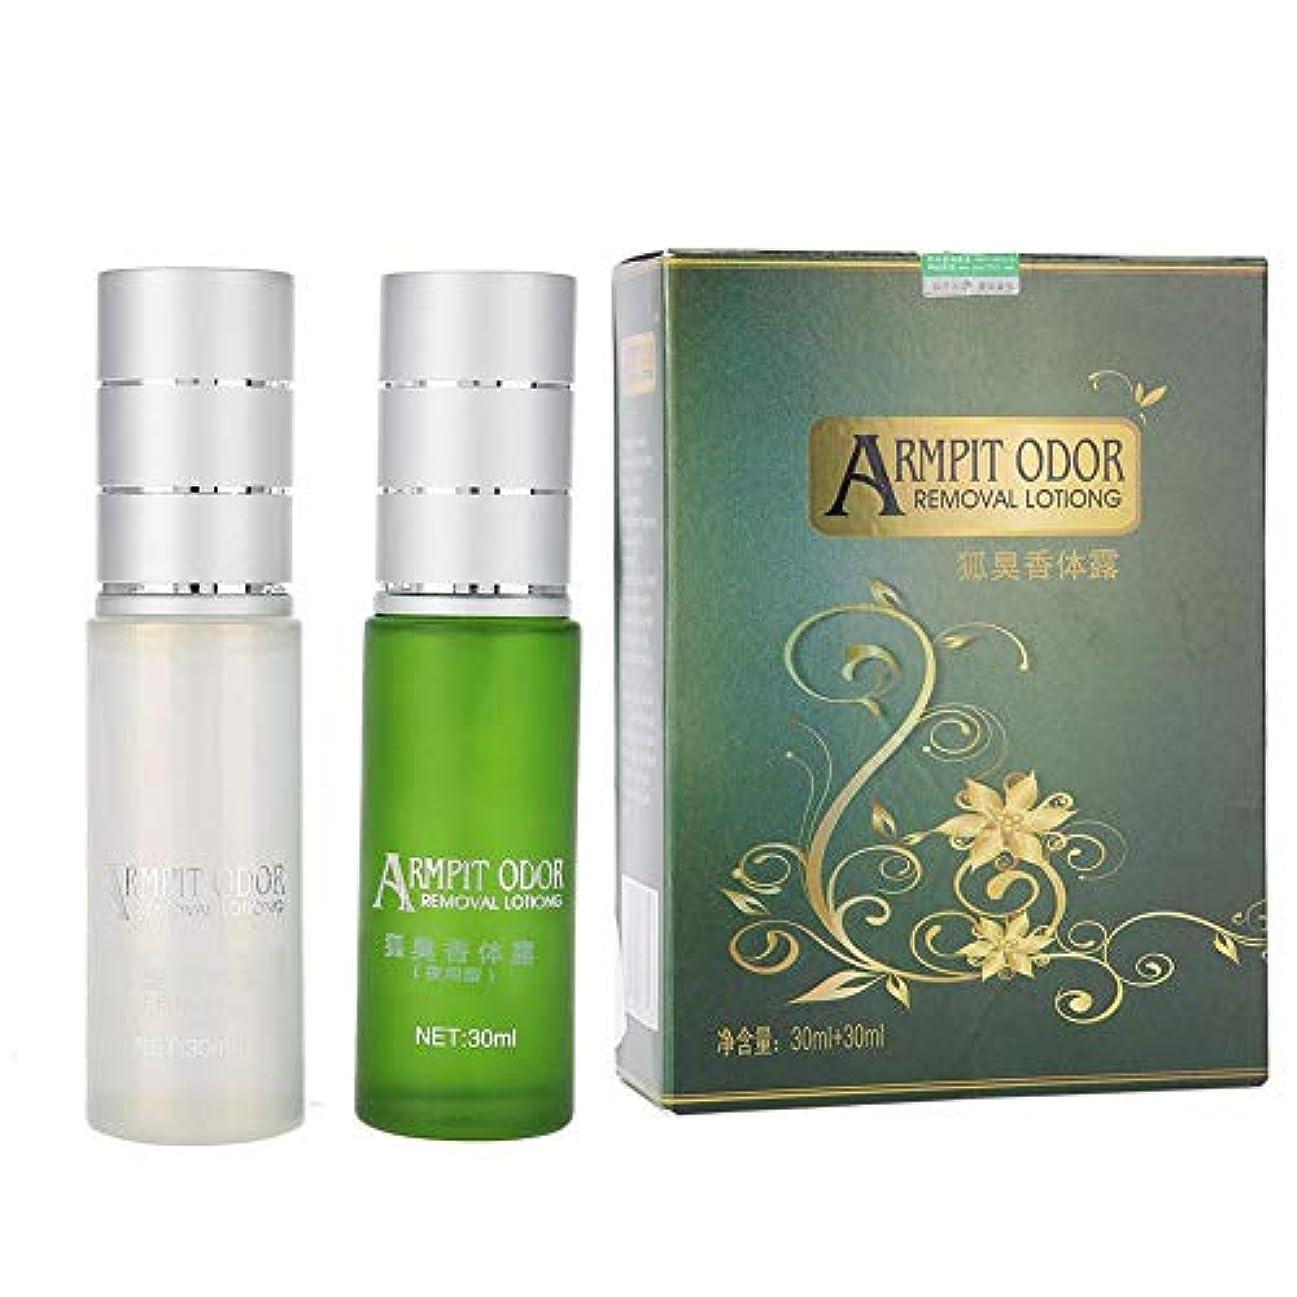 雑多なまろやかな人道的体臭除去スプレー、脇汗匂いリムーバー制汗消臭女性男性30 + 30 ml